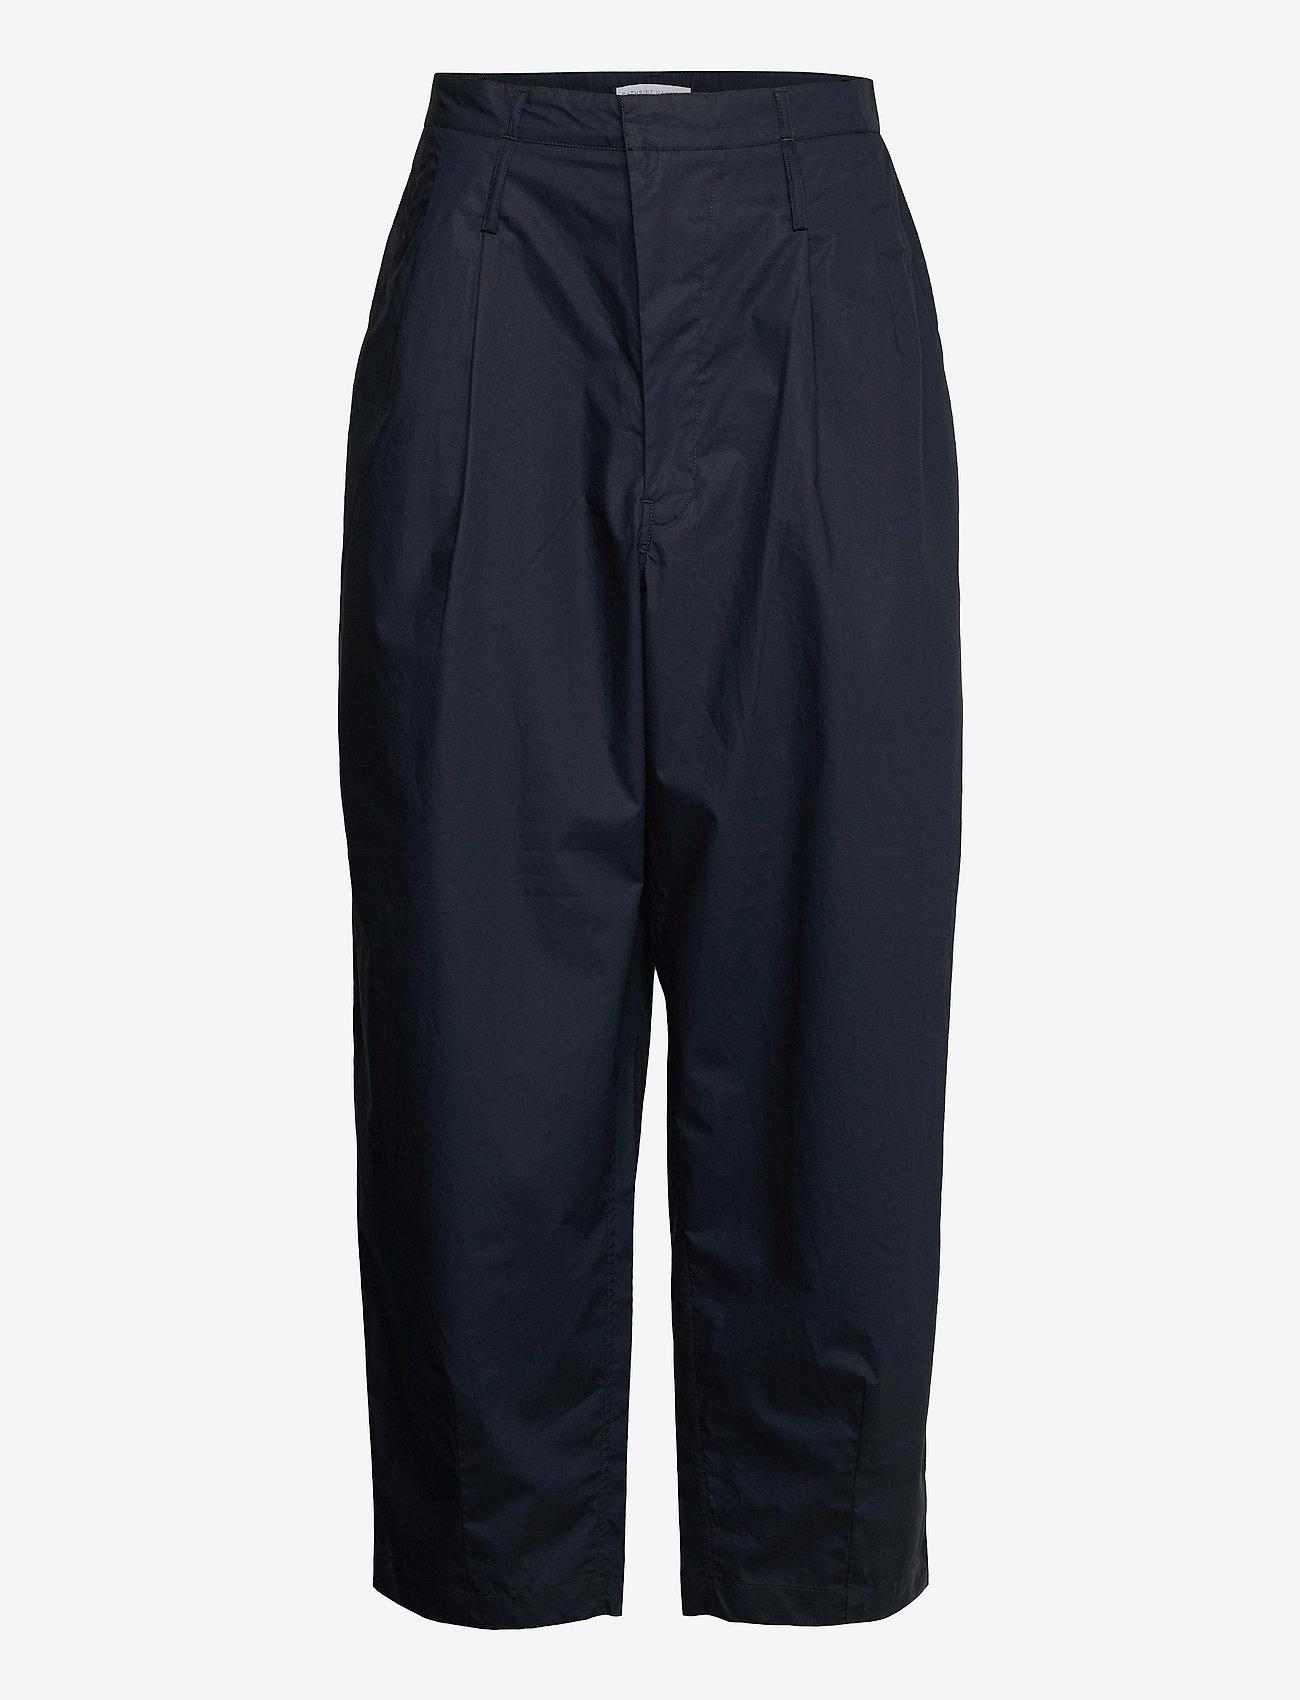 Cathrine Hammel - Wide ov pants - bukser med brede ben - dark ink - 0